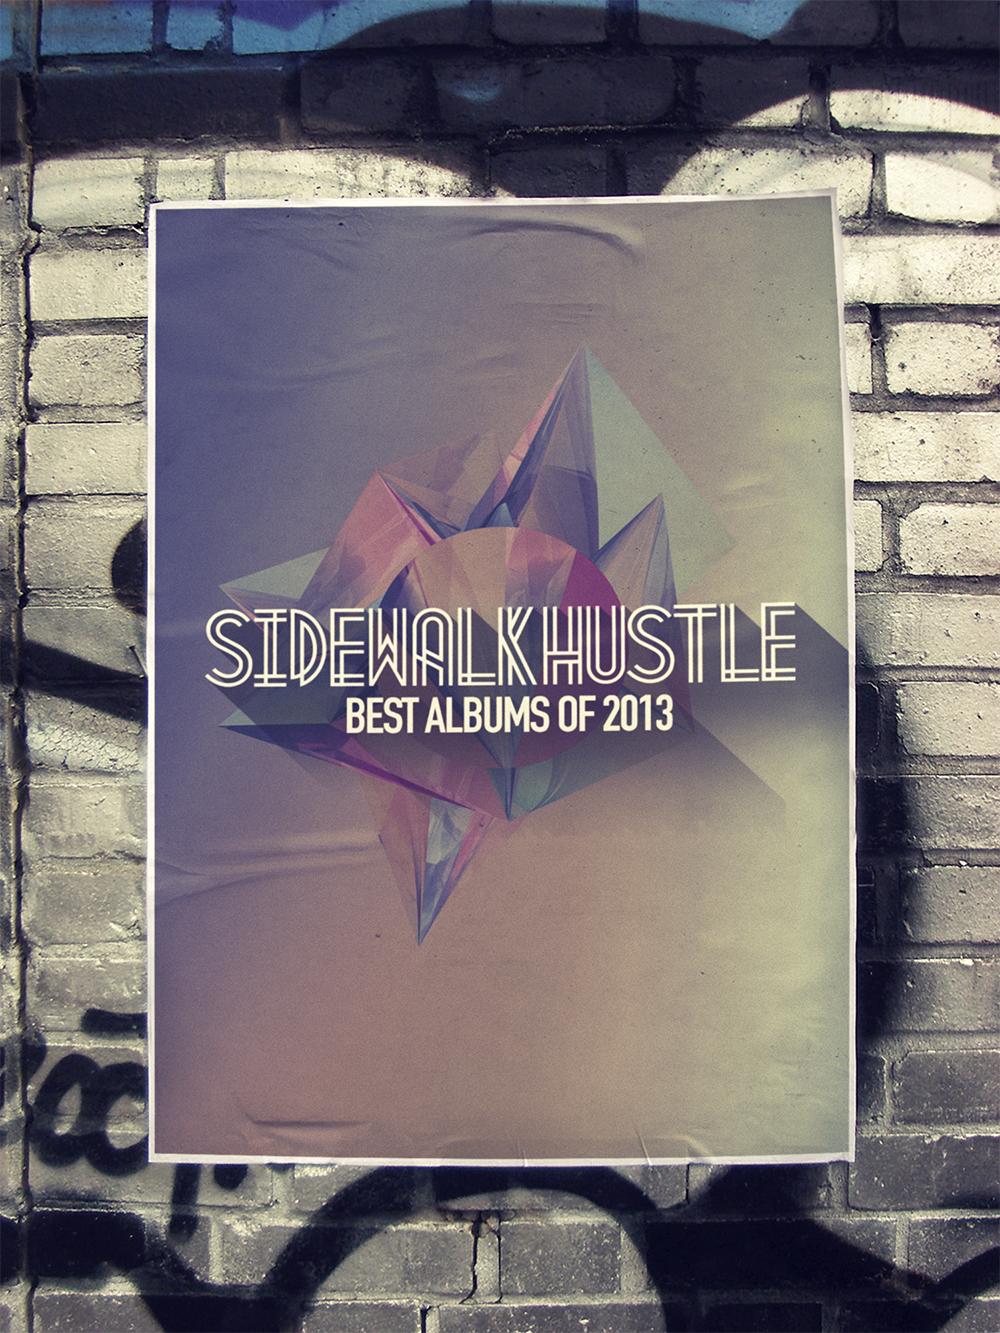 Sidewalk Hustle Top 10 Albums of 2013